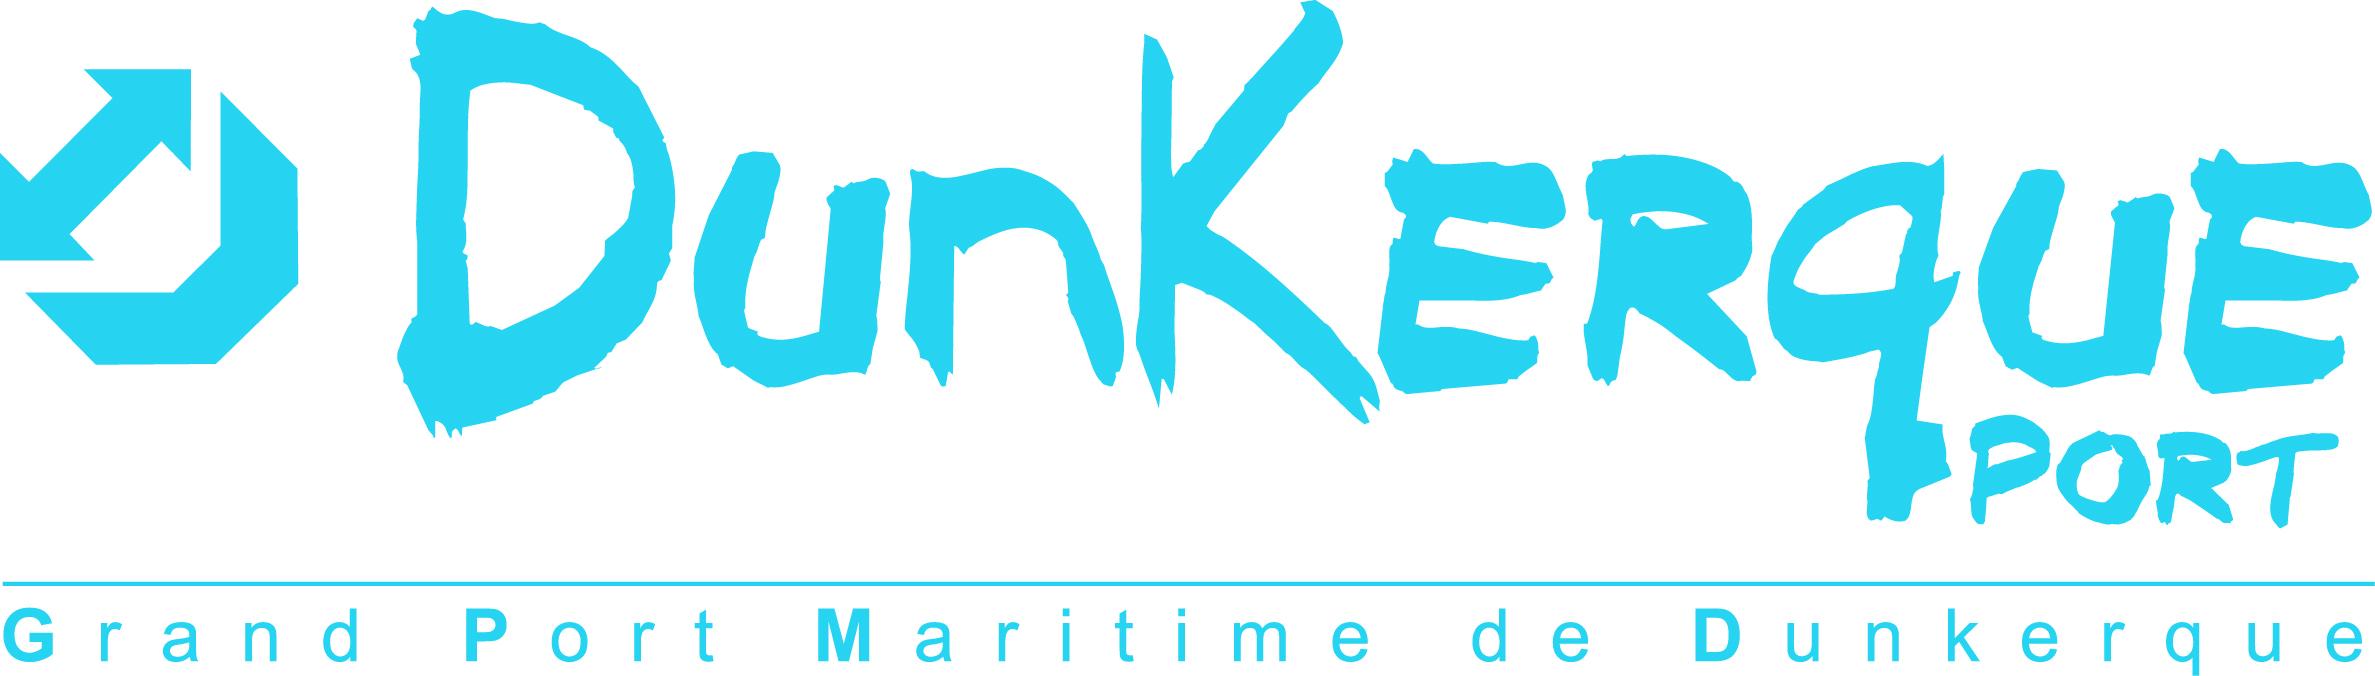 Grond Port Maritime de Dunkerque